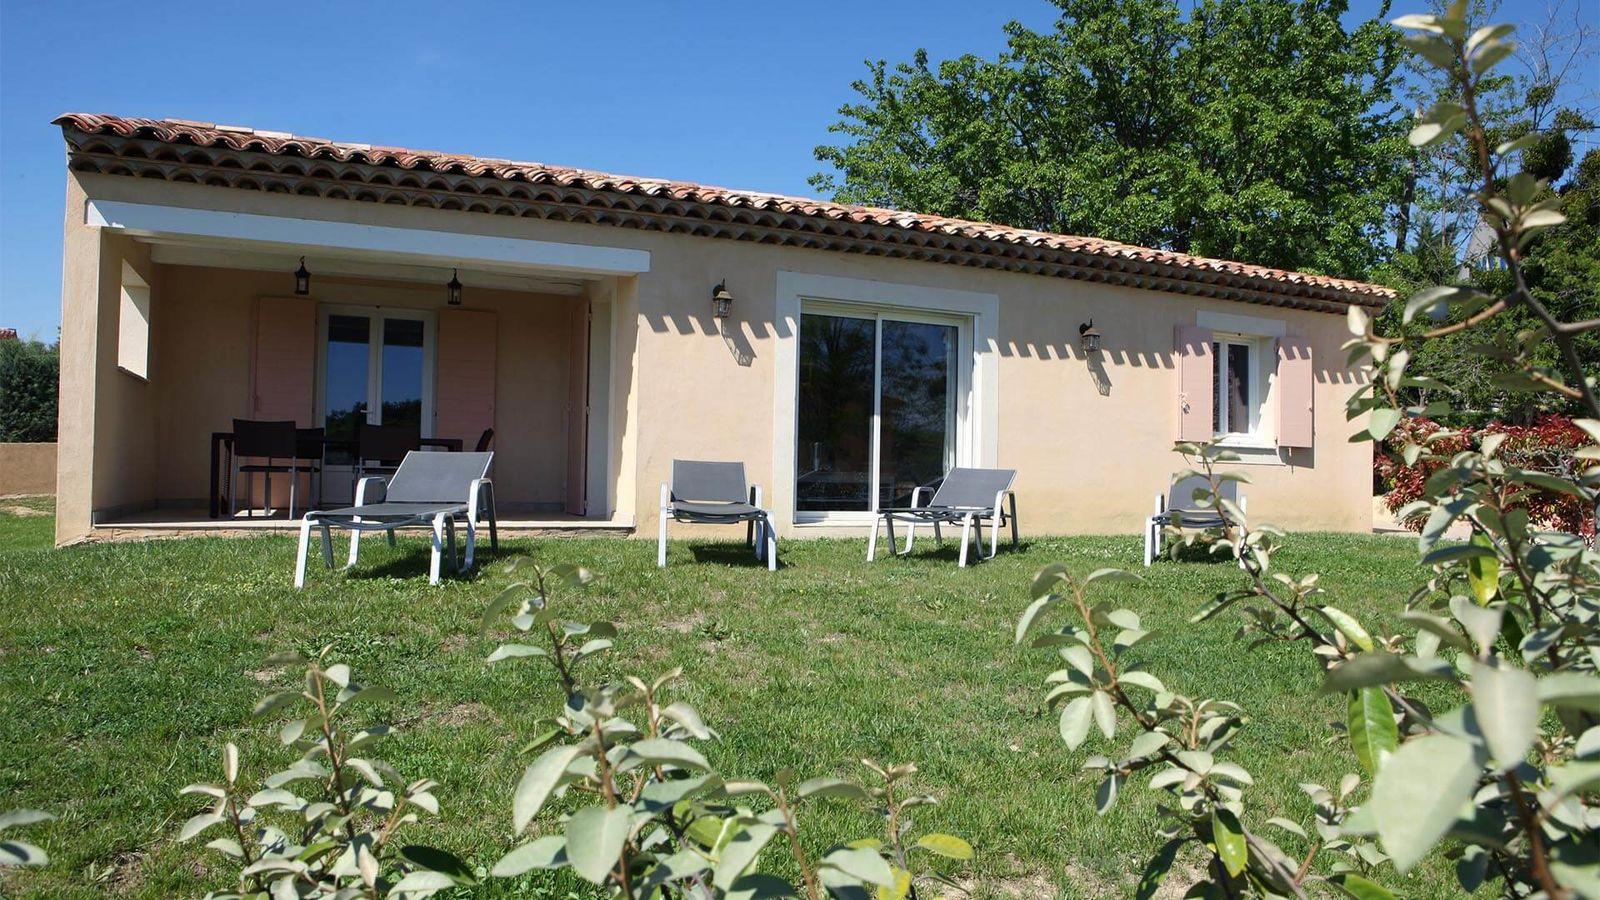 Afbeelding van Park Beaudine - villa T4 met gemeenschappelijk zwembad in de Provence